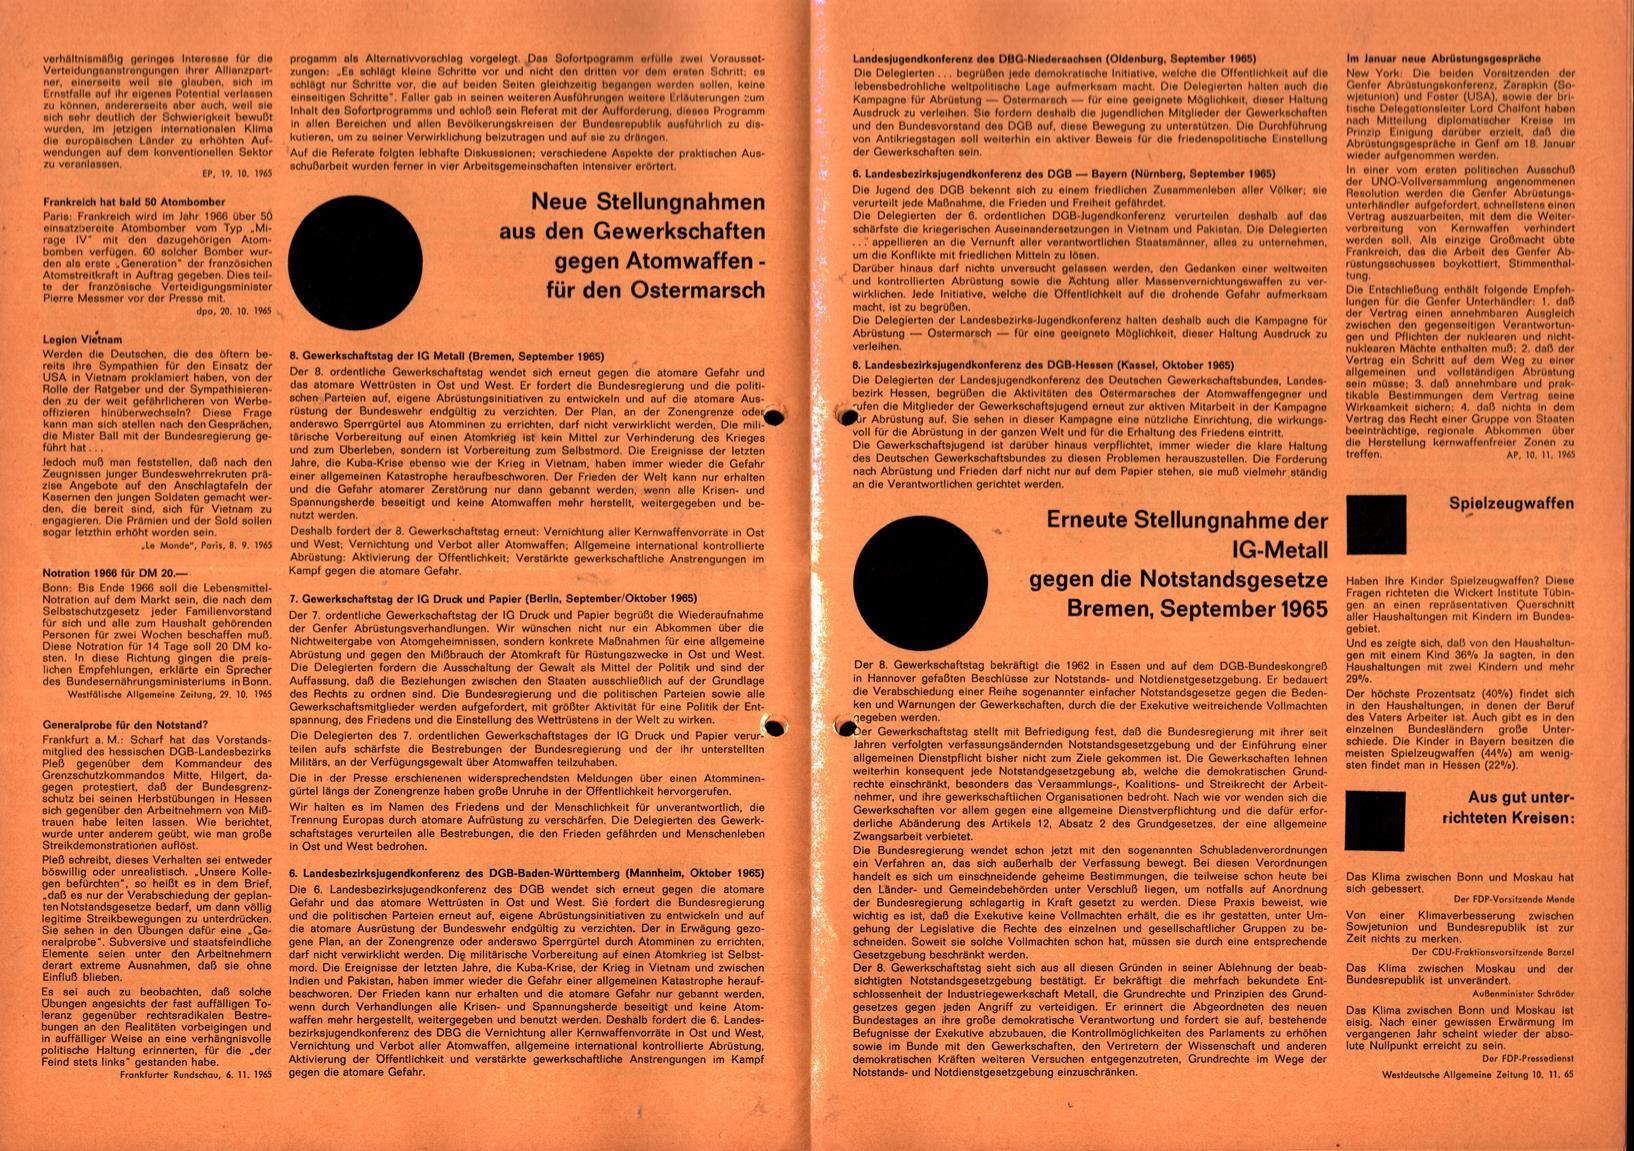 Infos_zur_Abruestung_1965_027_028_004